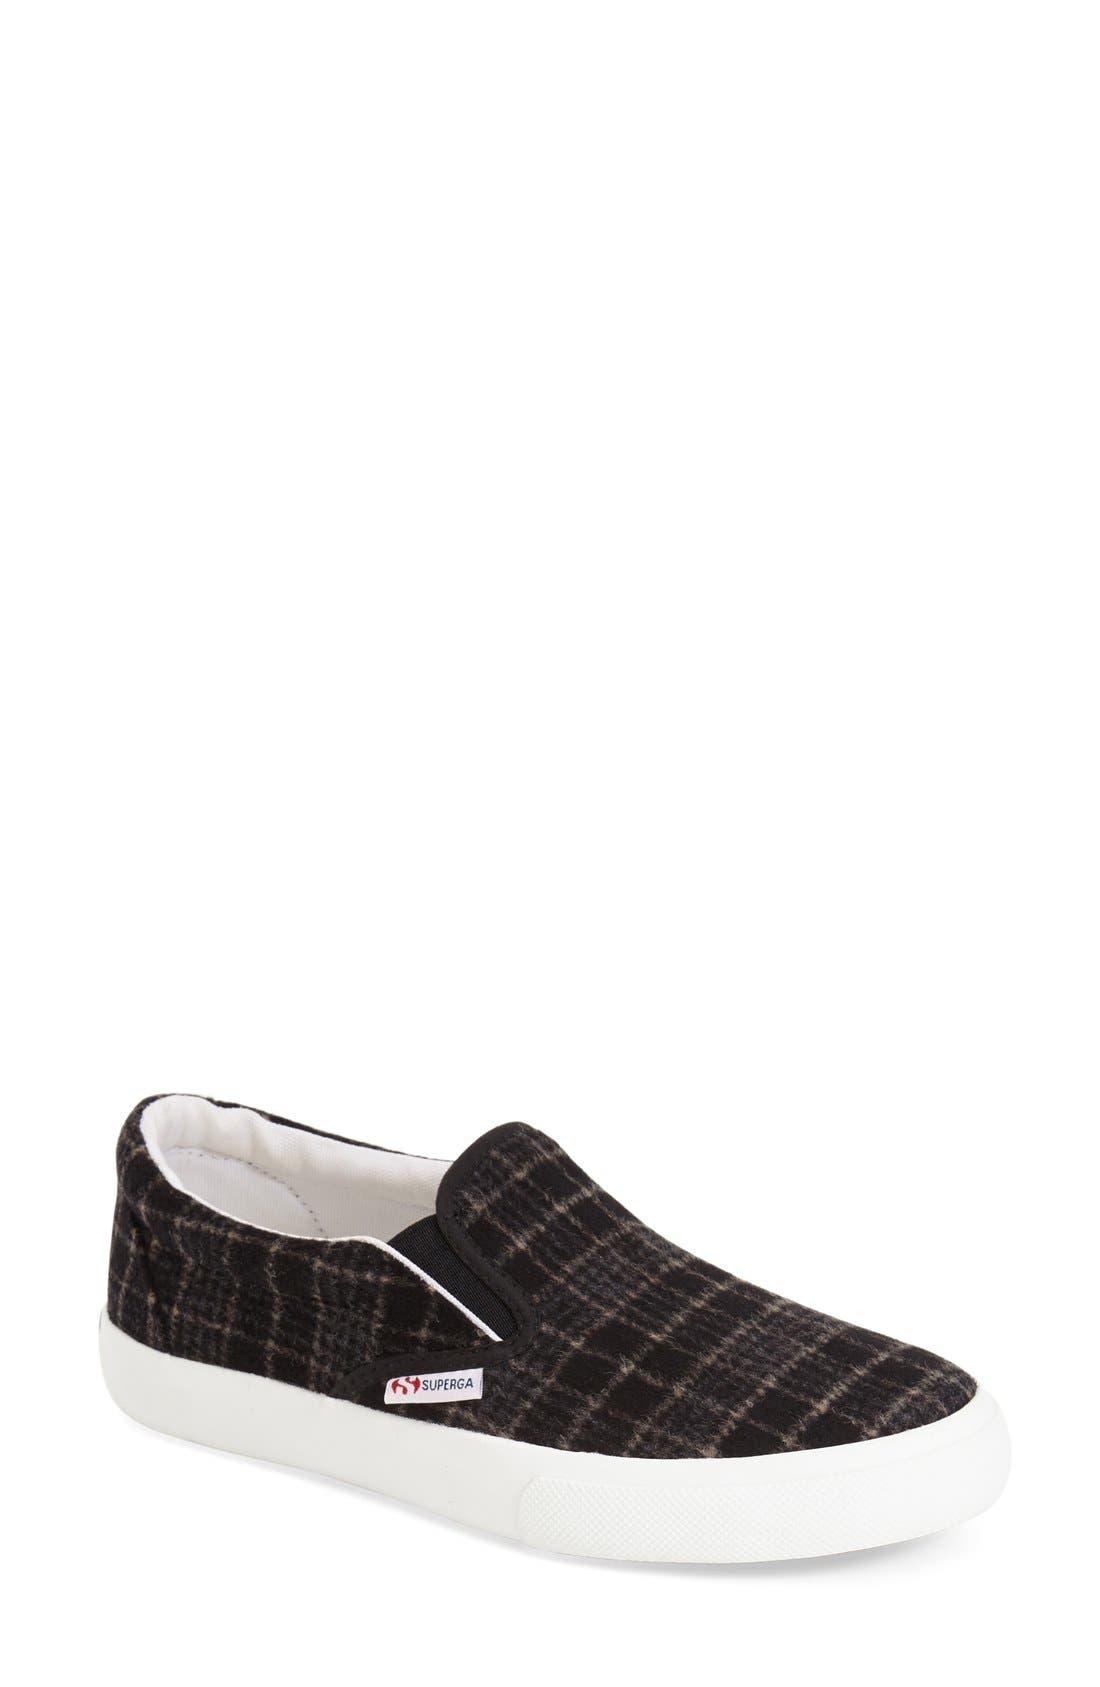 Main Image - Superga Slip-On Sneaker (Women)